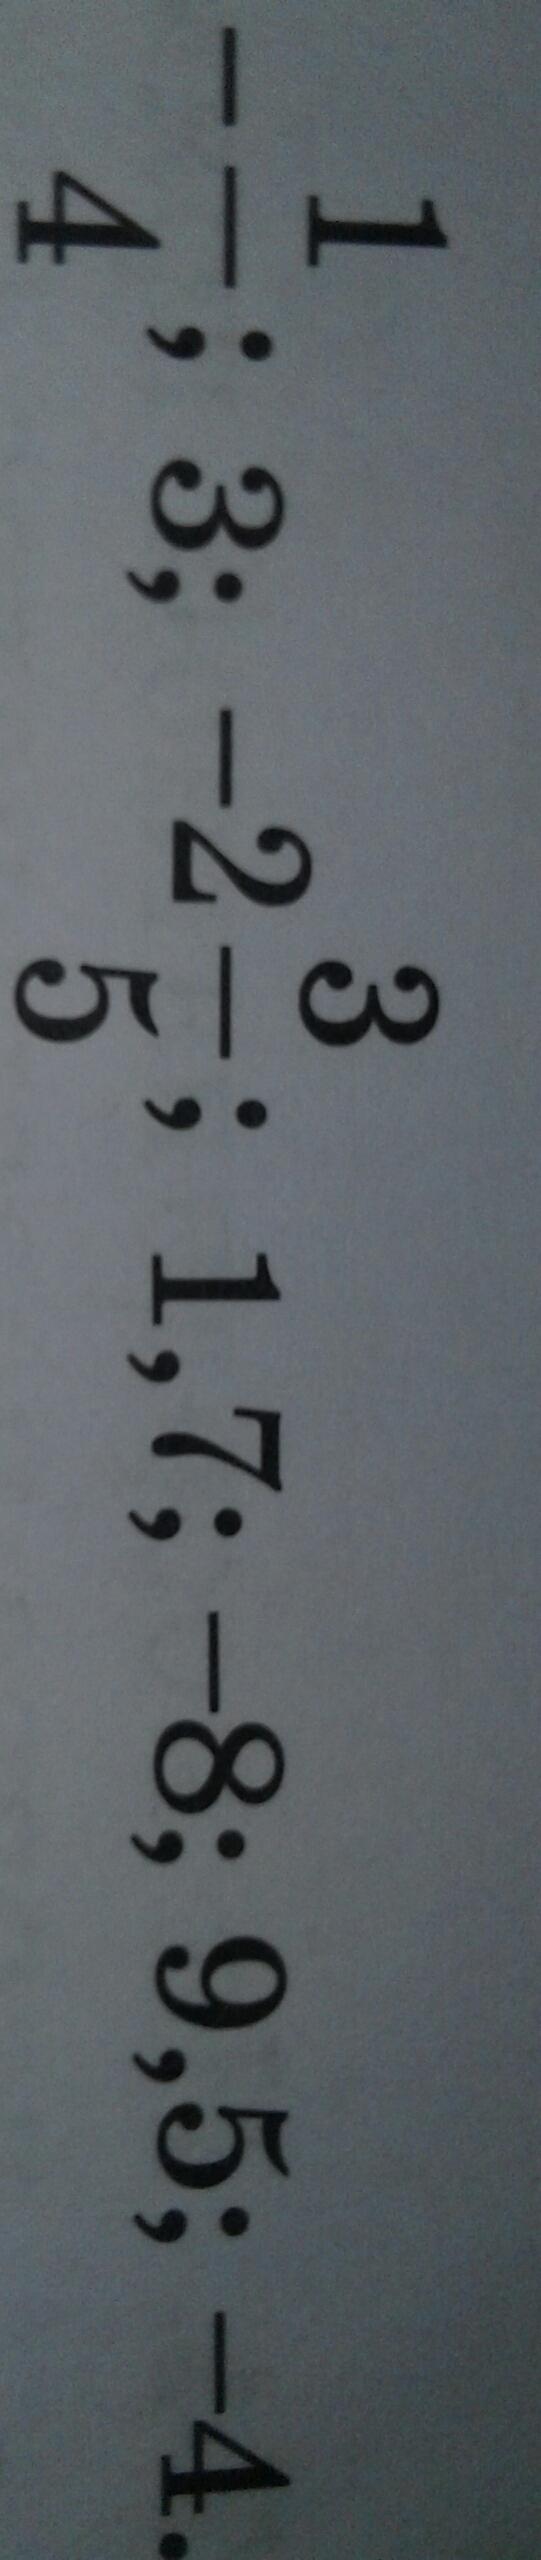 Запишите числа в порядке возрастания: